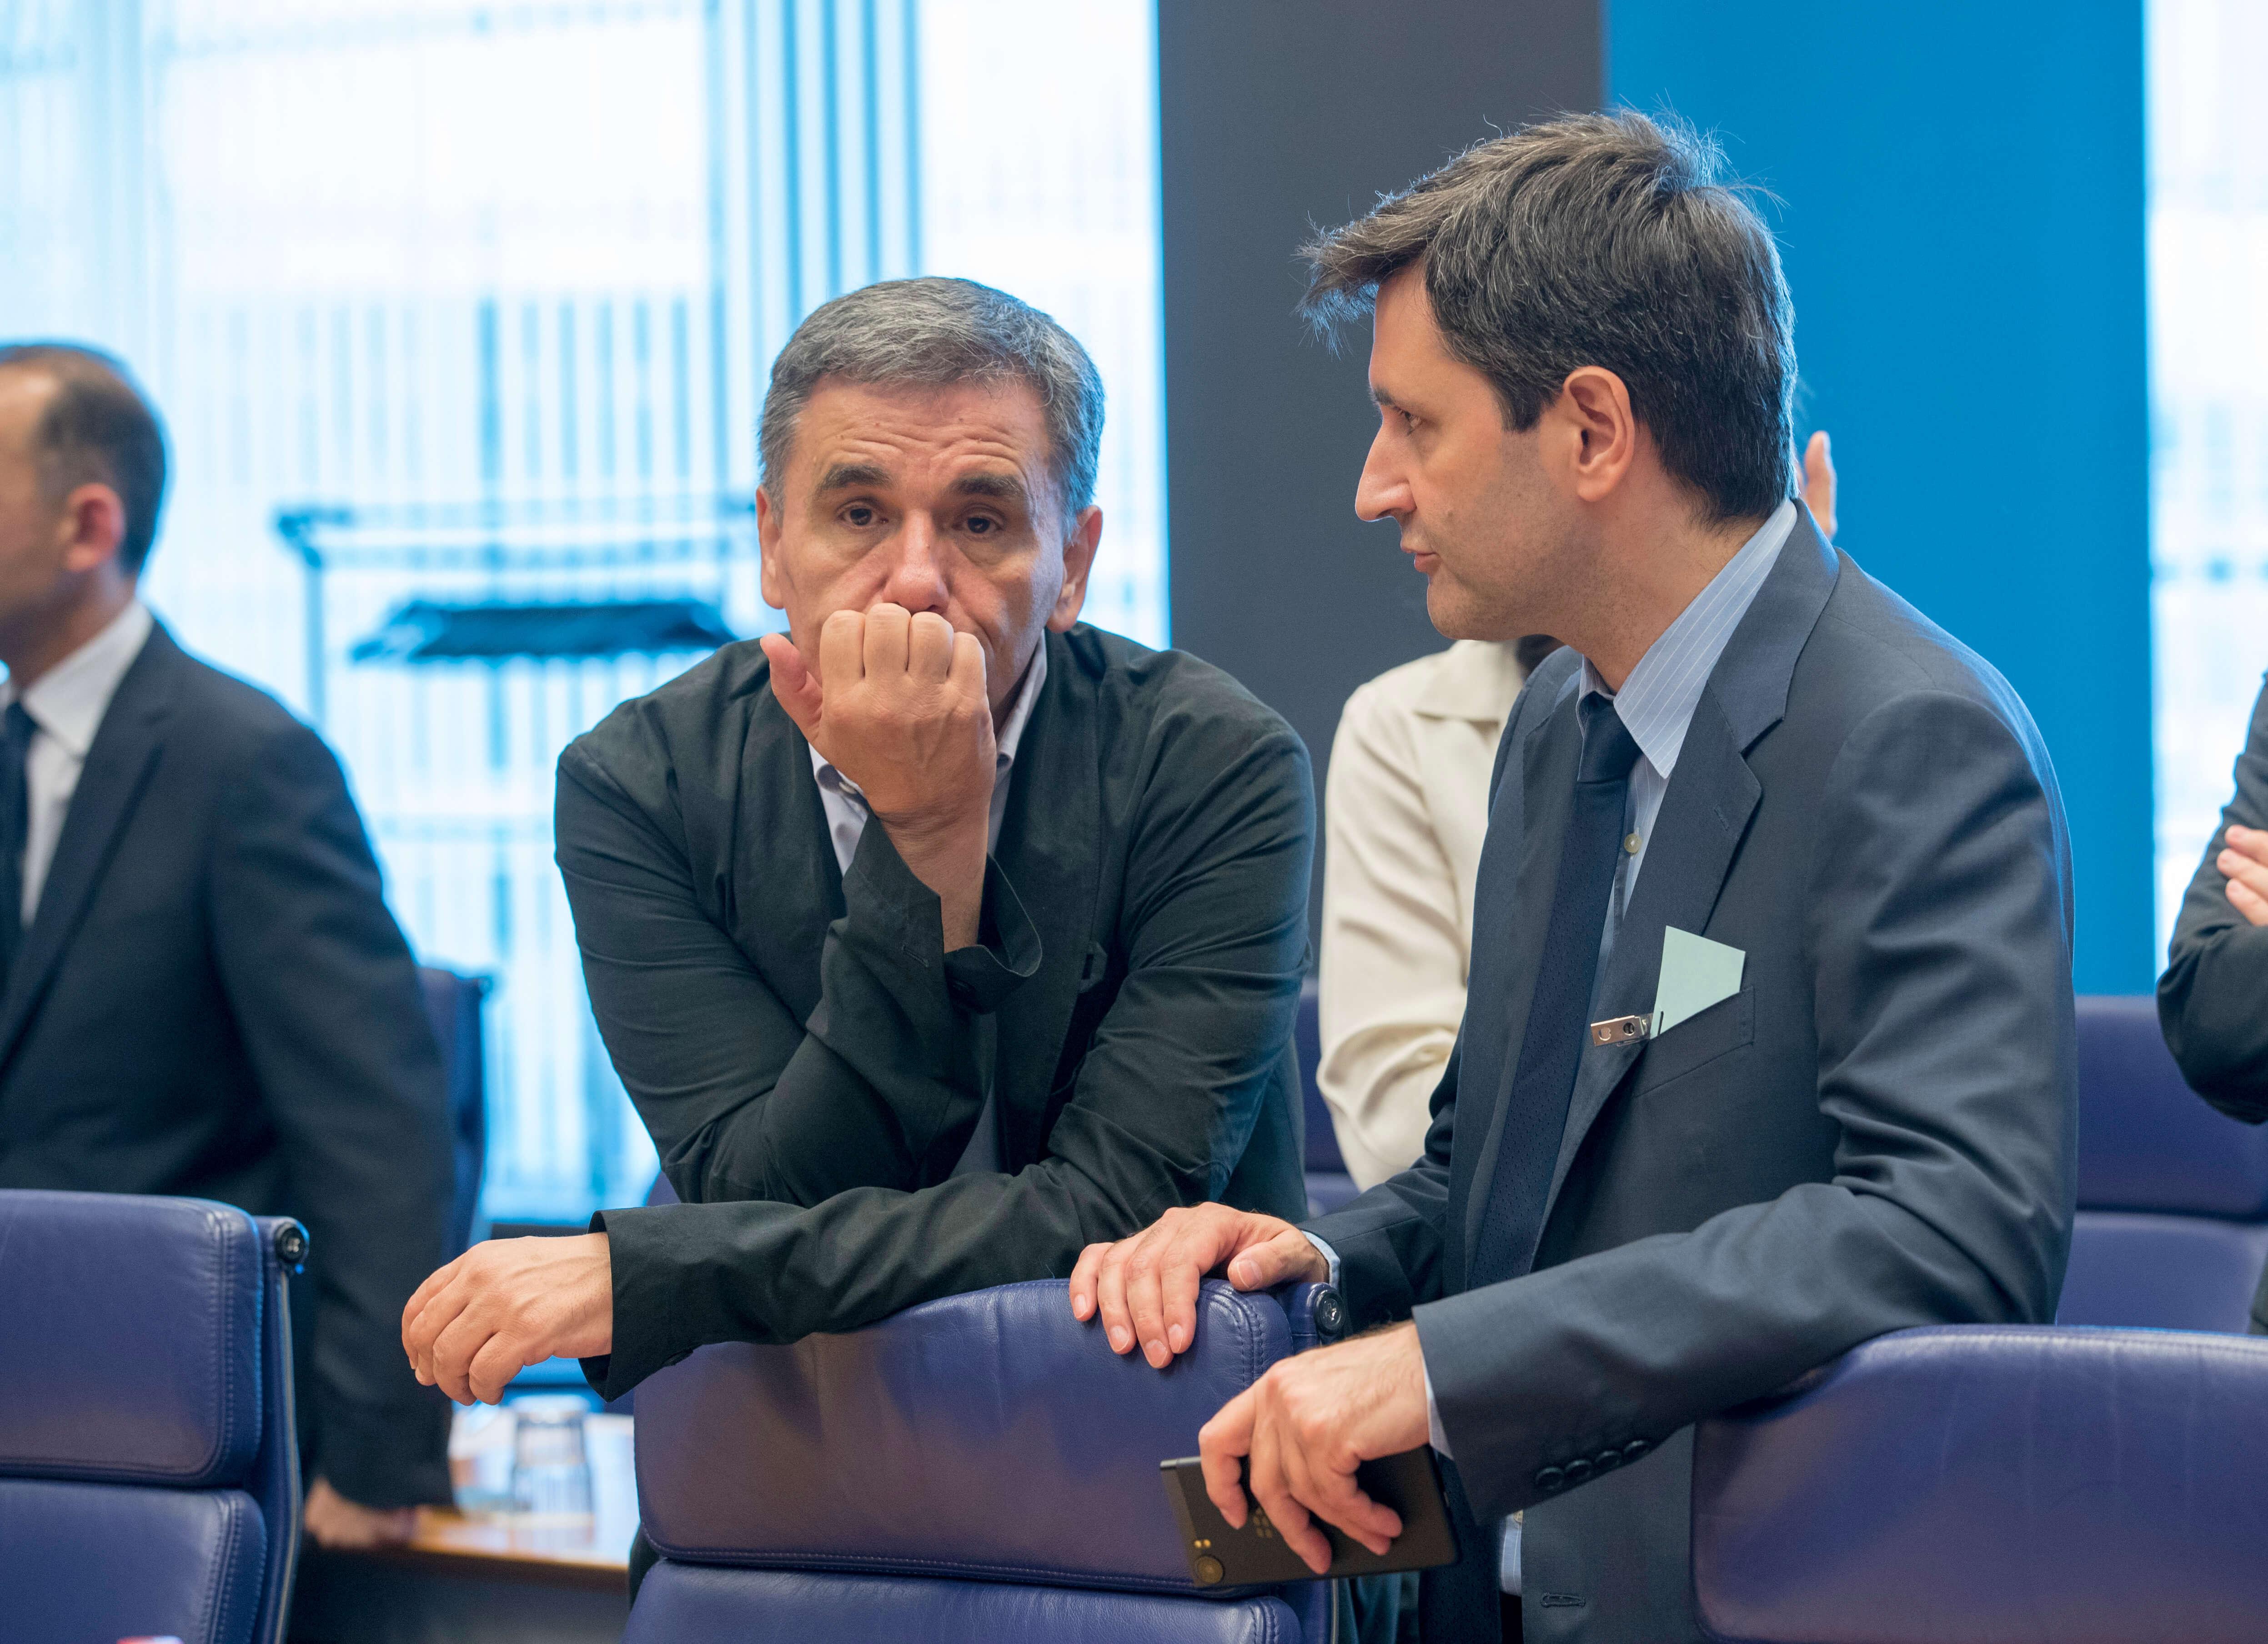 """Έκθεση Κομισιόν: """"Βλέπει"""" κίνδυνο δημοσιονομικής εκτροπής λόγω παροχών"""